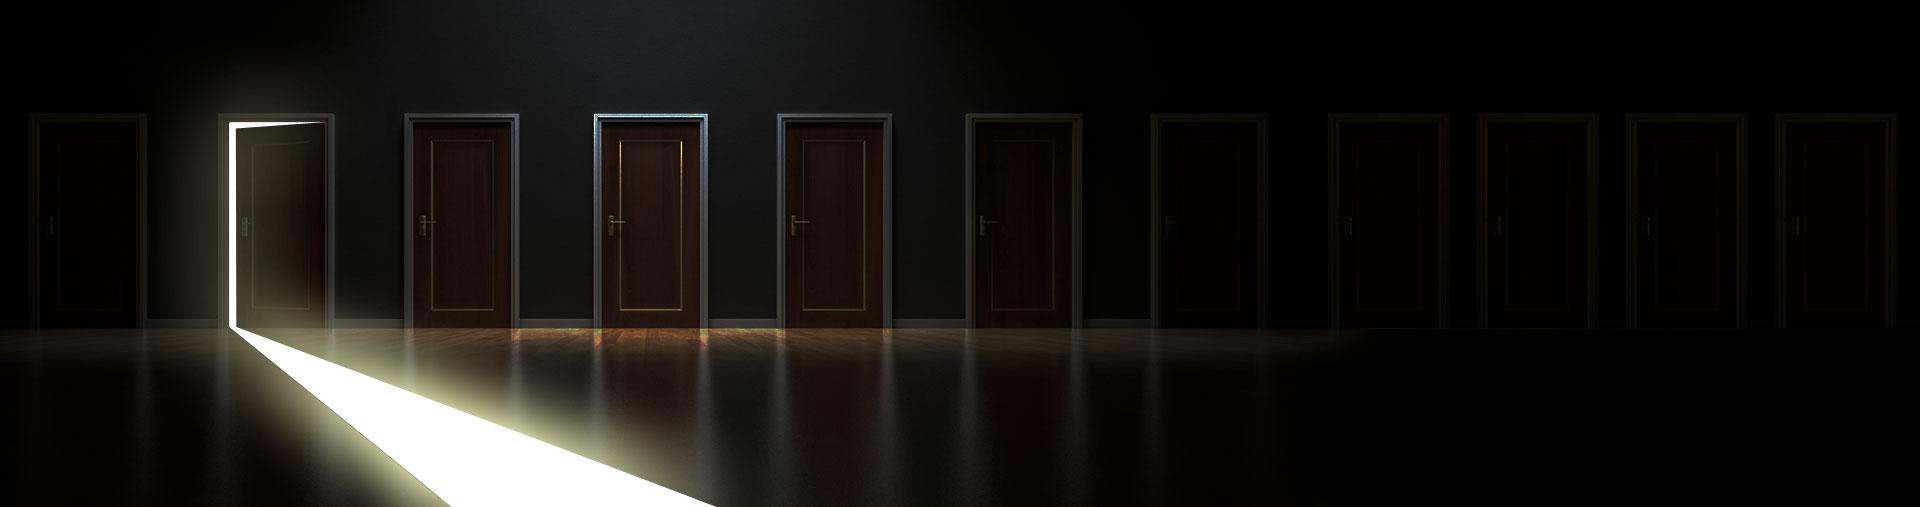 door-banner